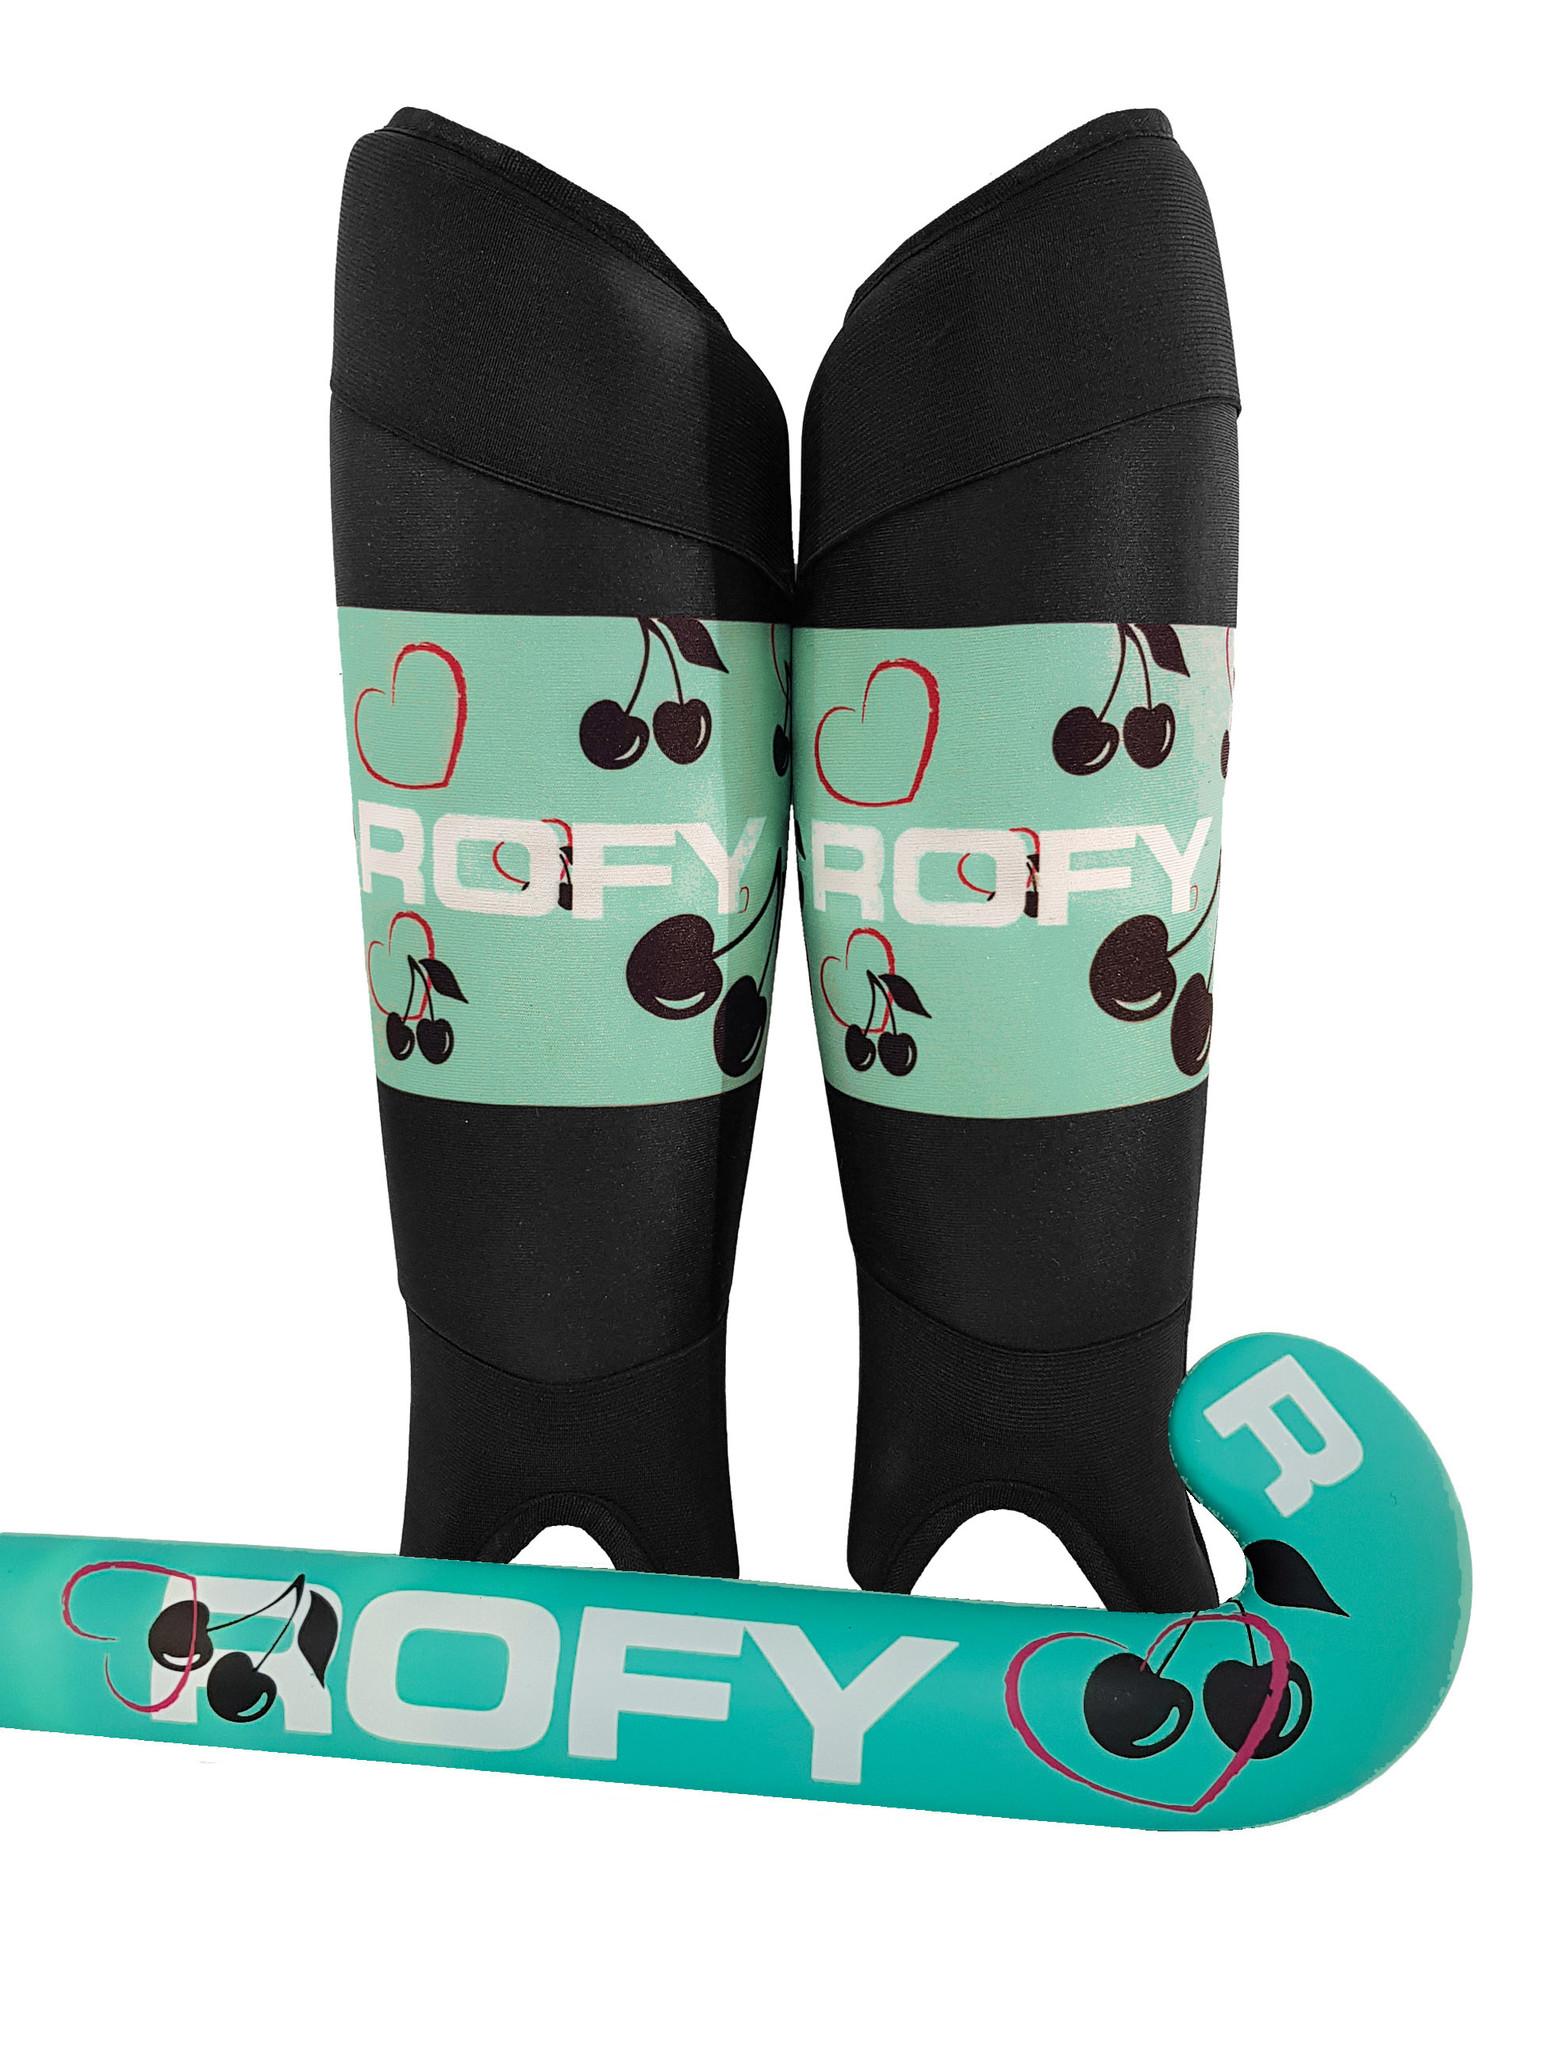 ROFY CHERRY SHINGUARD - WASHABLE